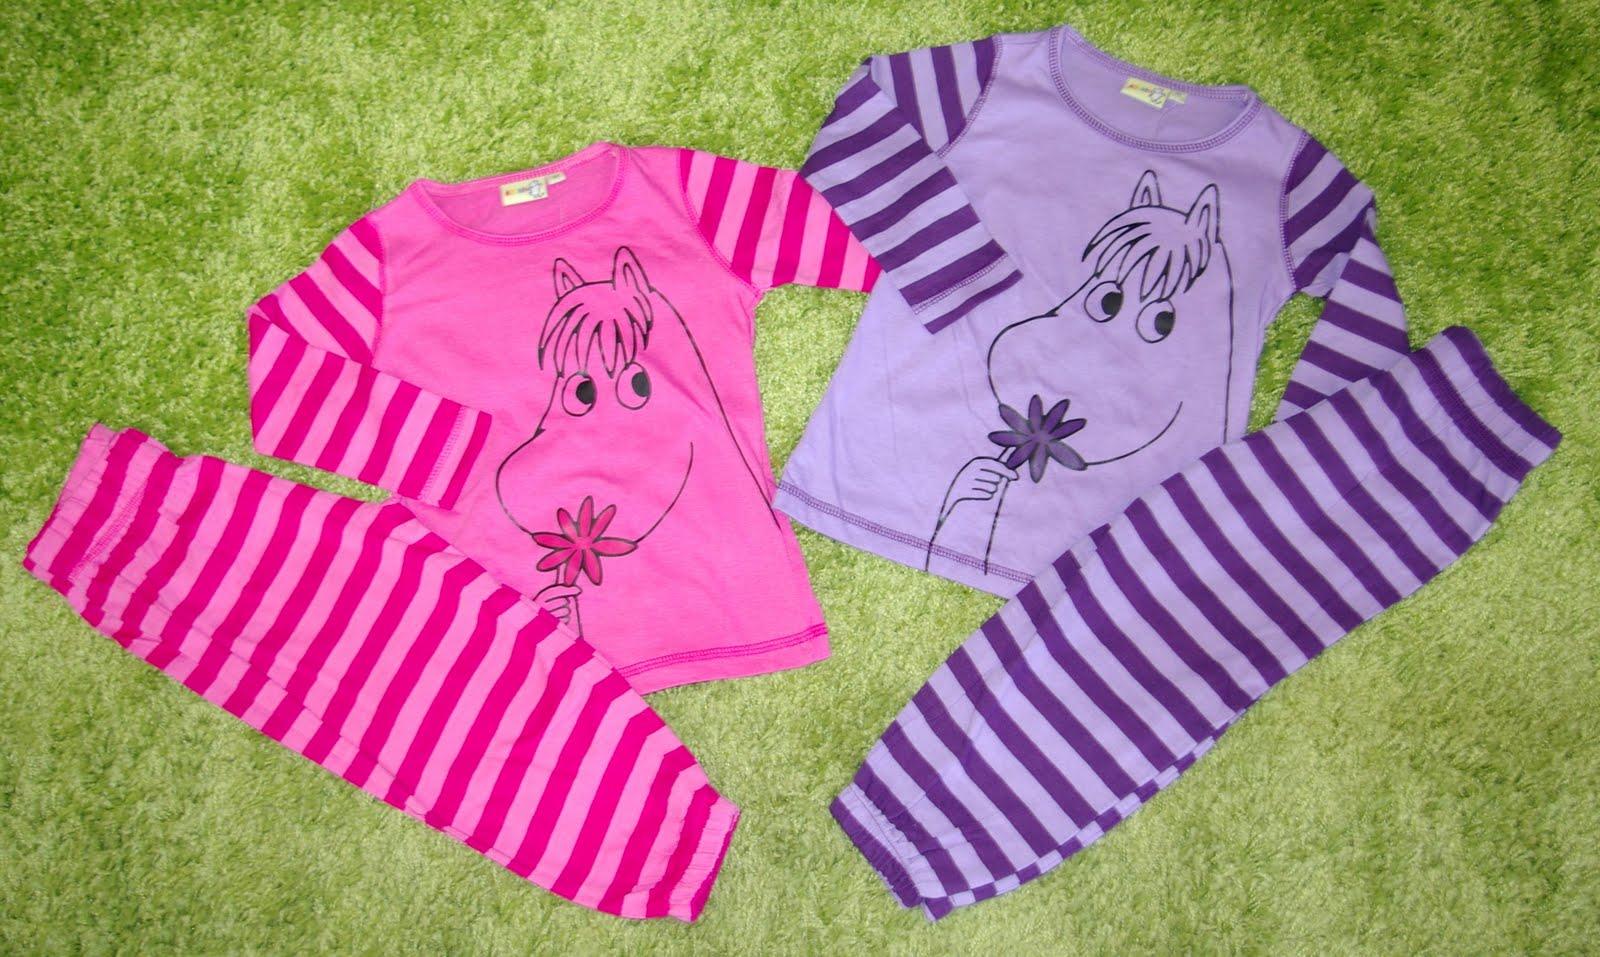 Gustav   Lillan Barnkläder i Habo  Underbar 2-delad pyjamas från Mumin 2e6a82693a97a